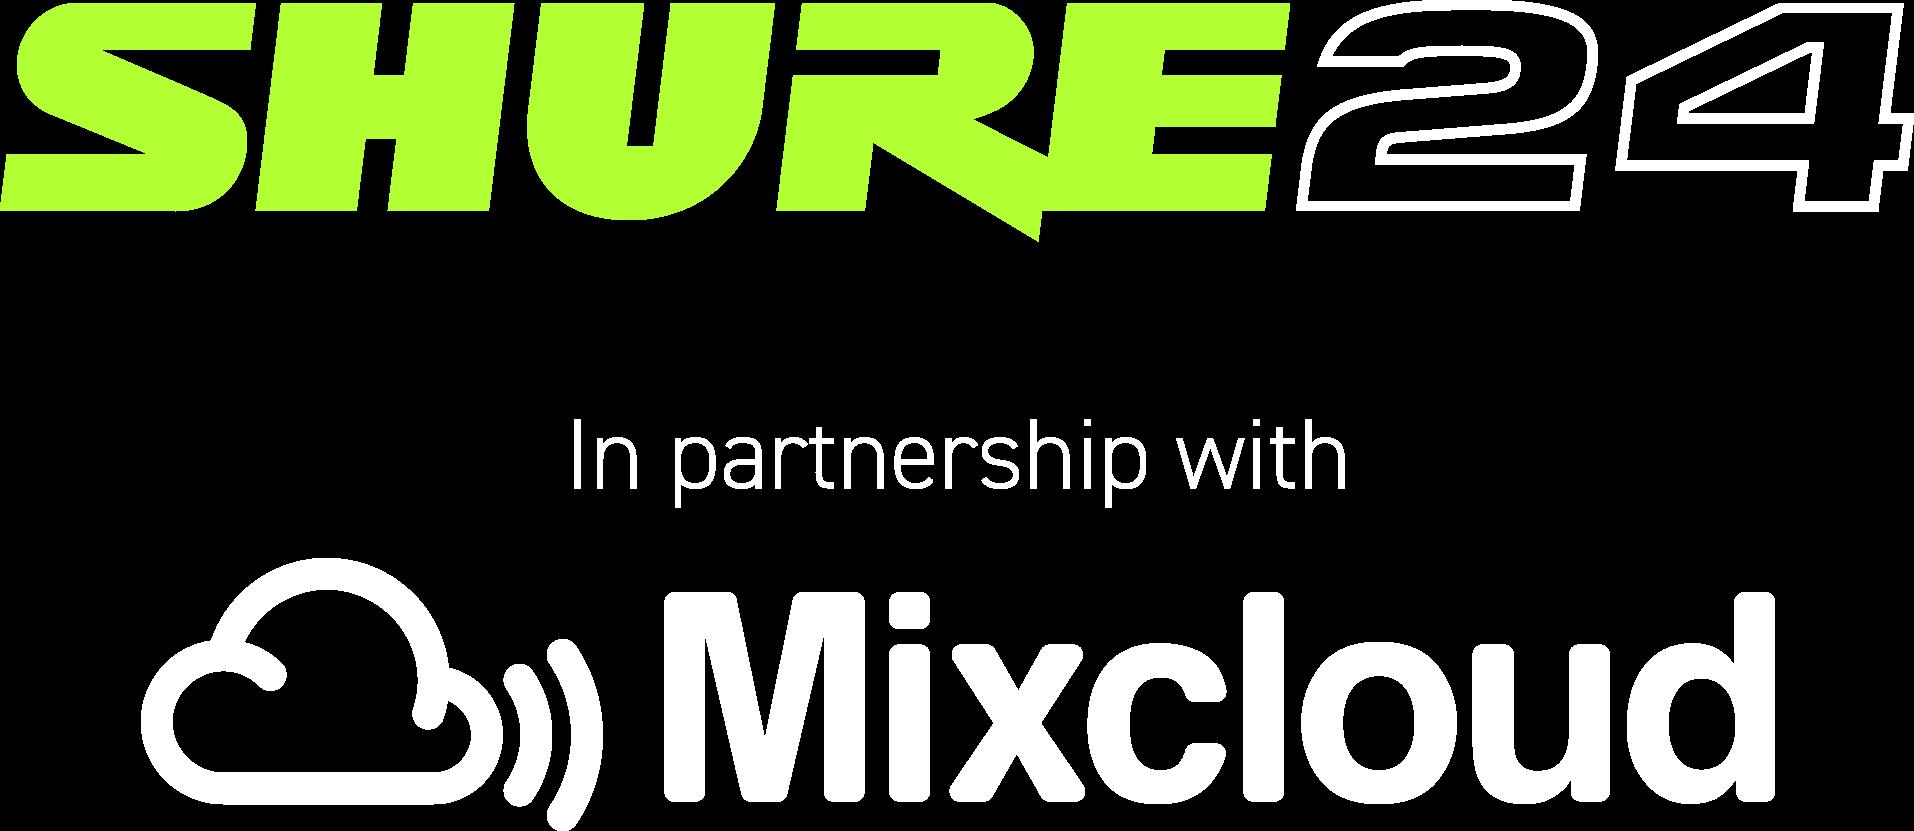 Mixcloud Shure24